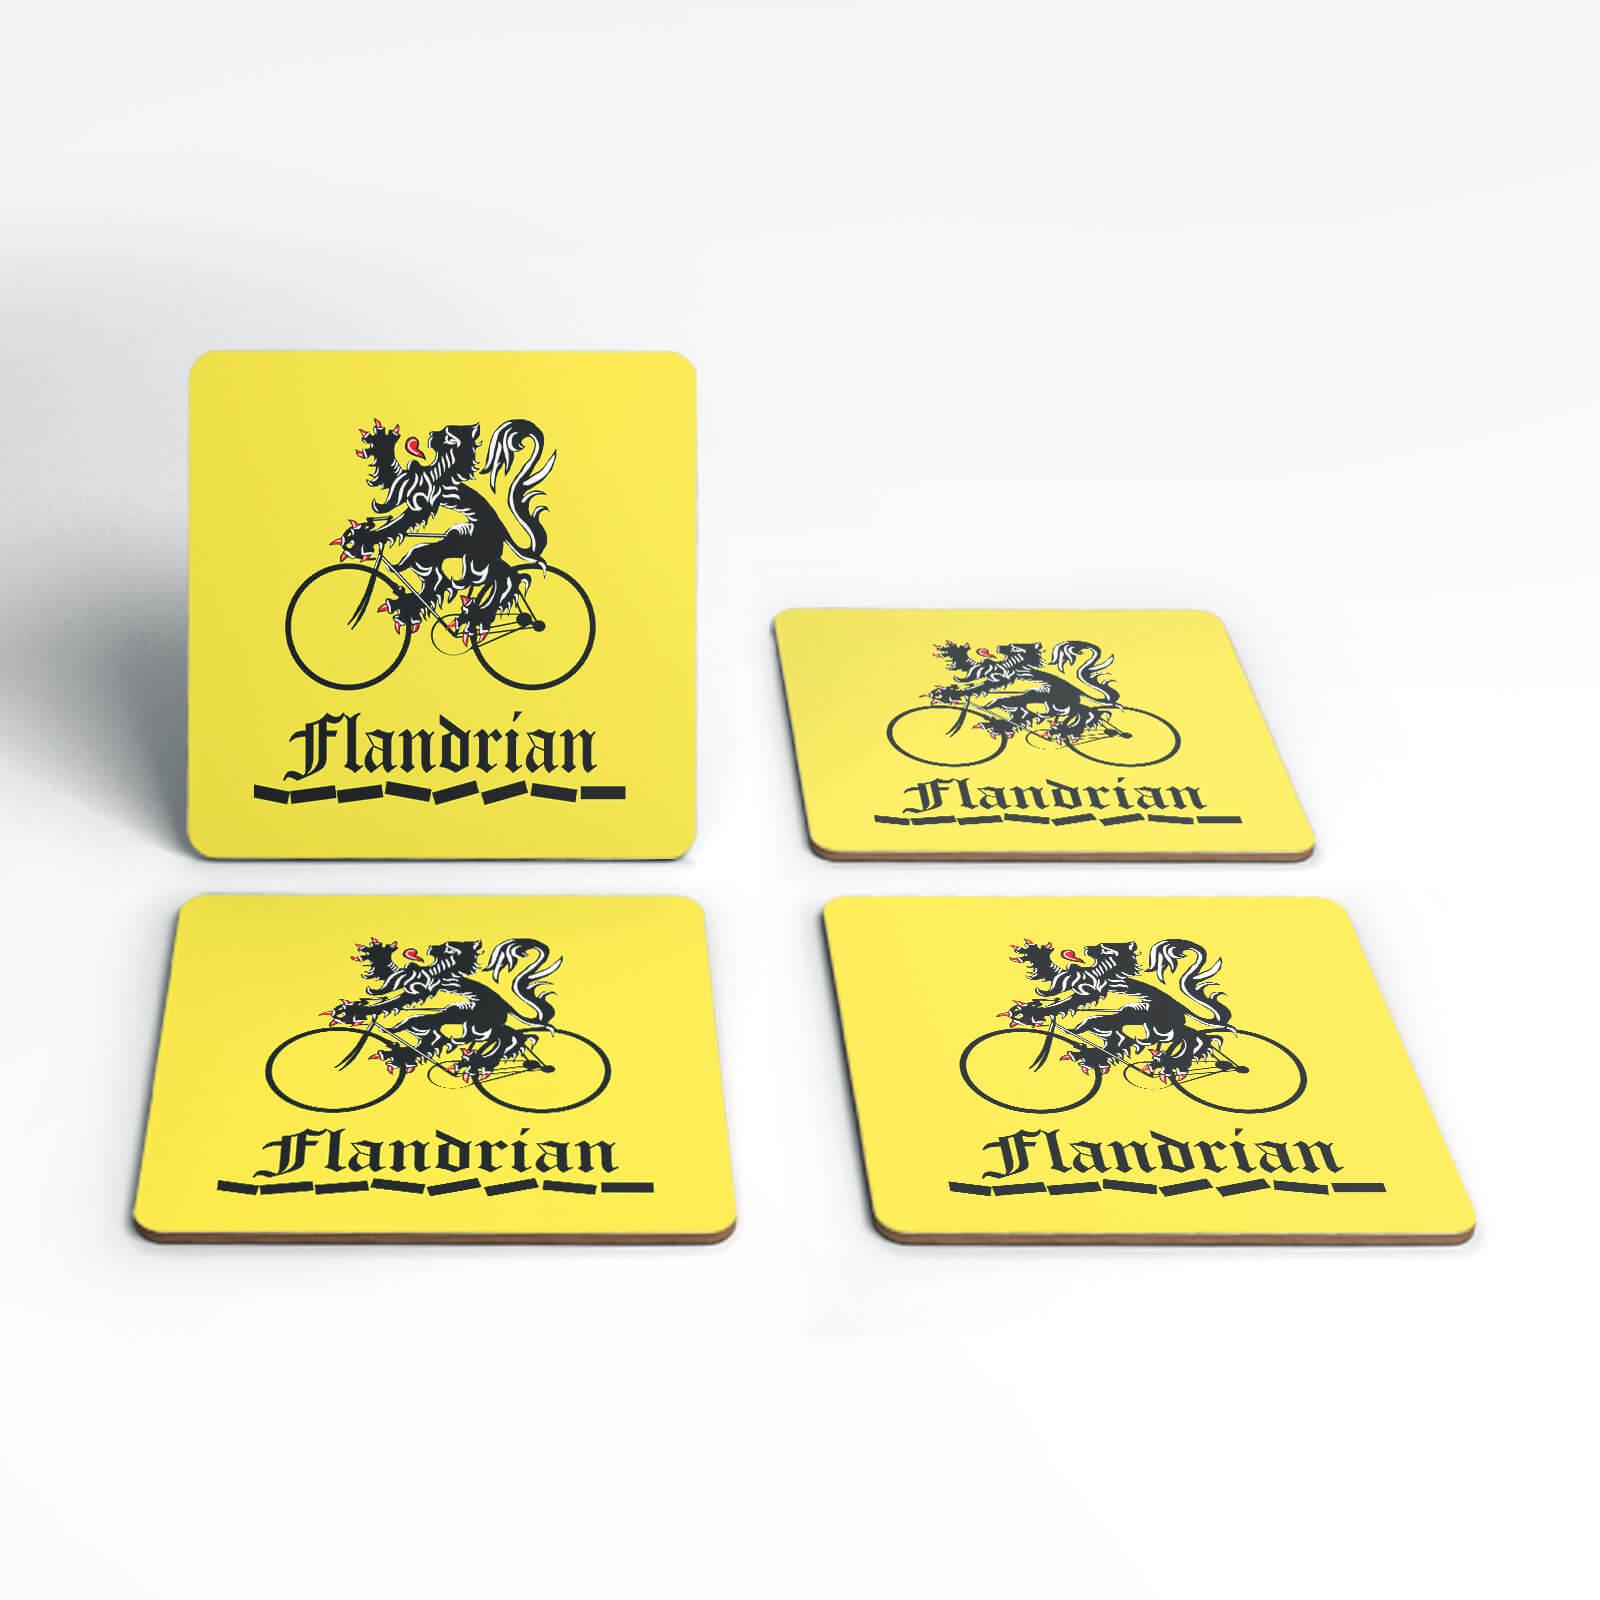 Flandrian Coaster Set